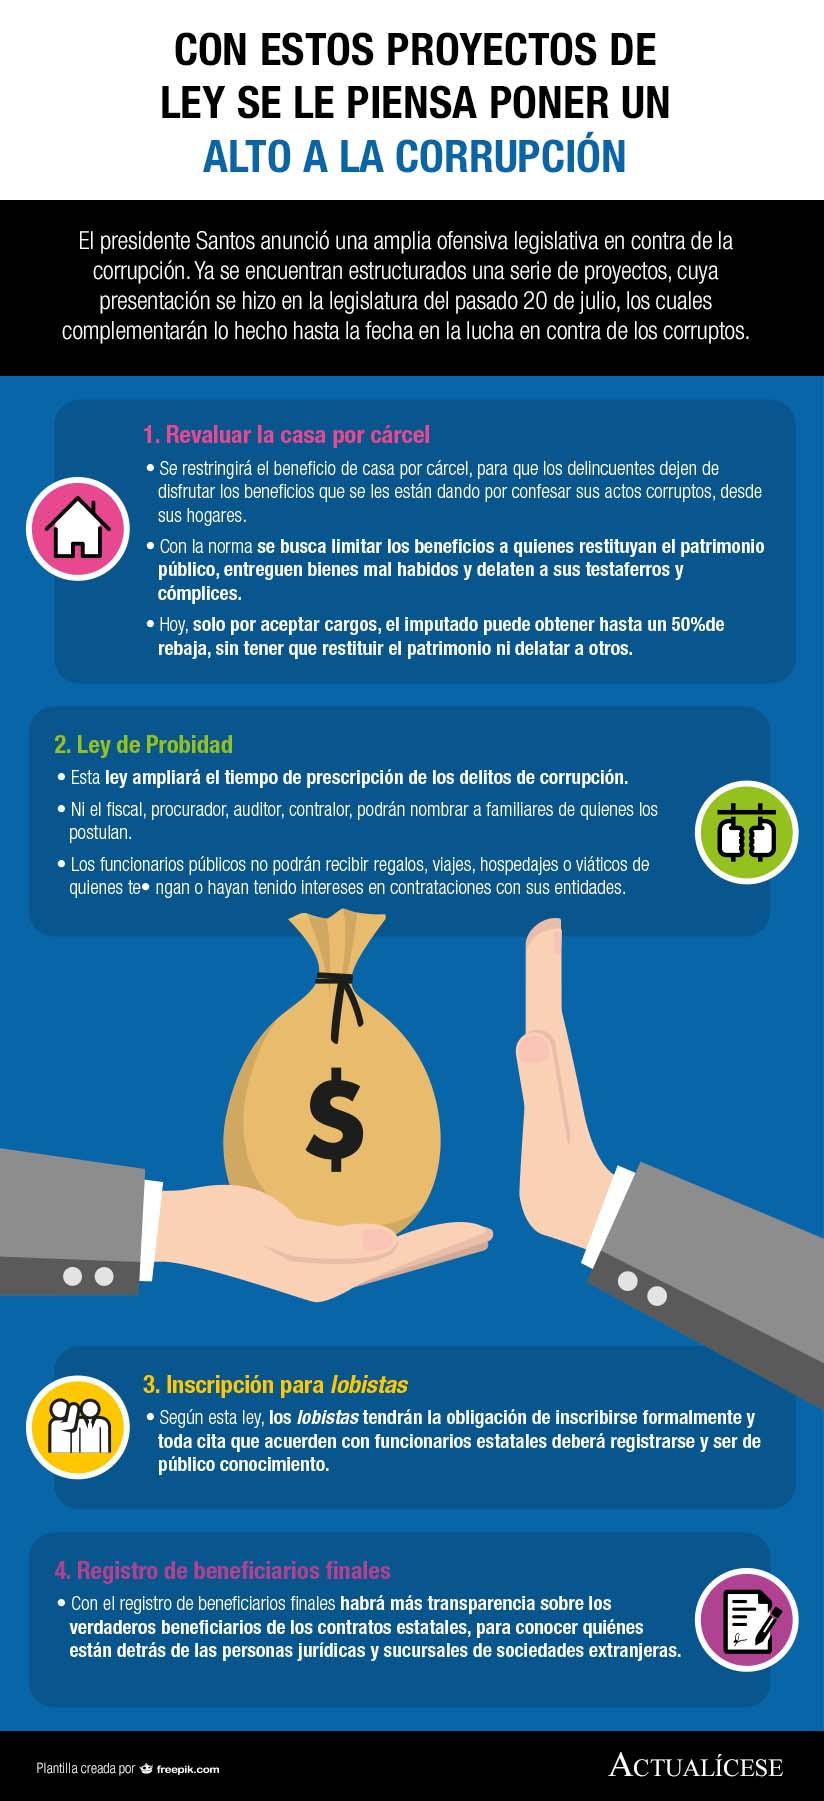 [Infografía] Proyectos de ley pensados para poner un alto a la corrupción